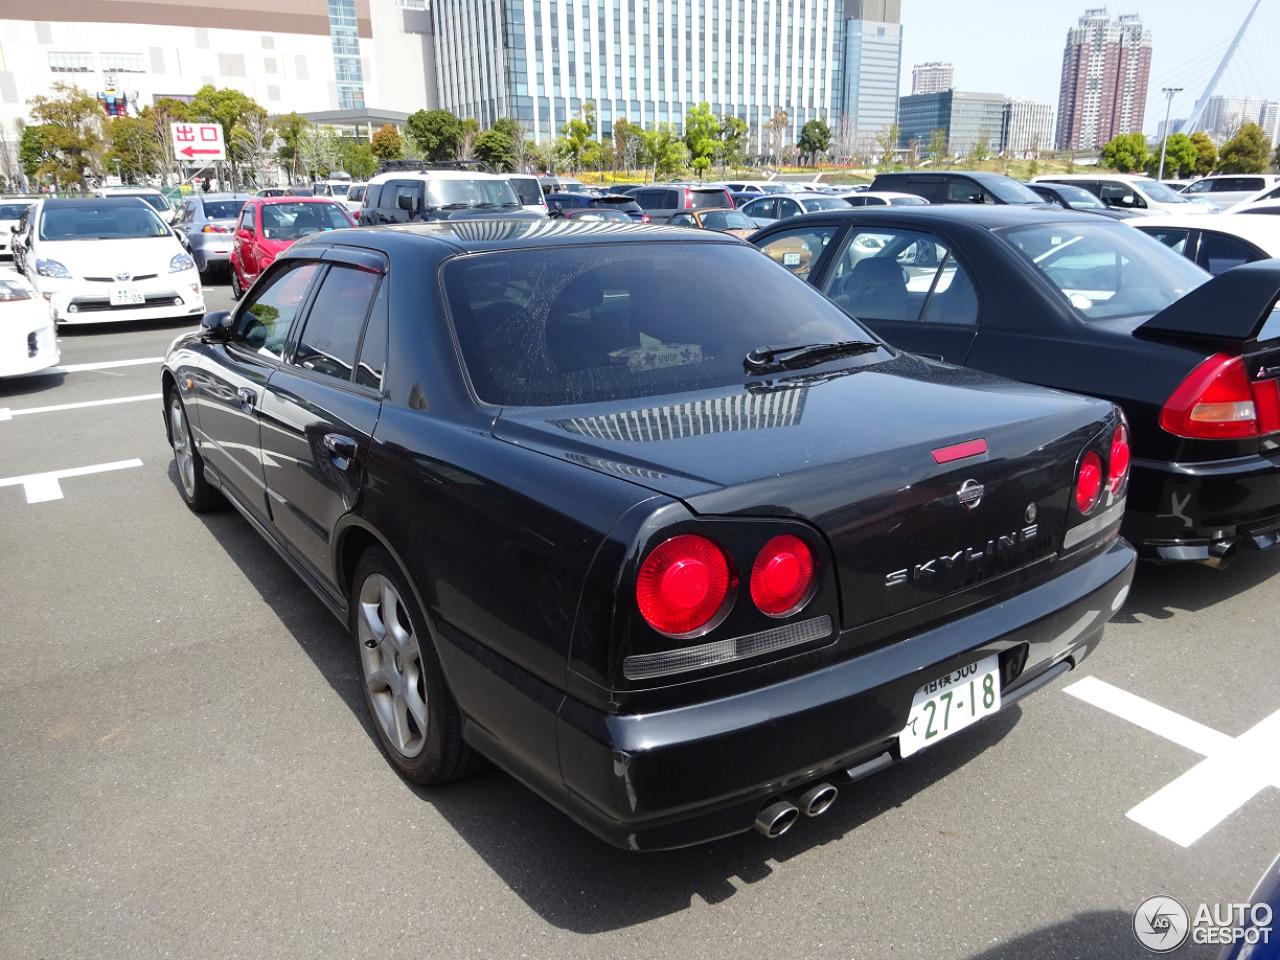 Nissan skyline r34 sedan 17 may 2015 autogespot 2 i nissan skyline r34 sedan 2 vanachro Images